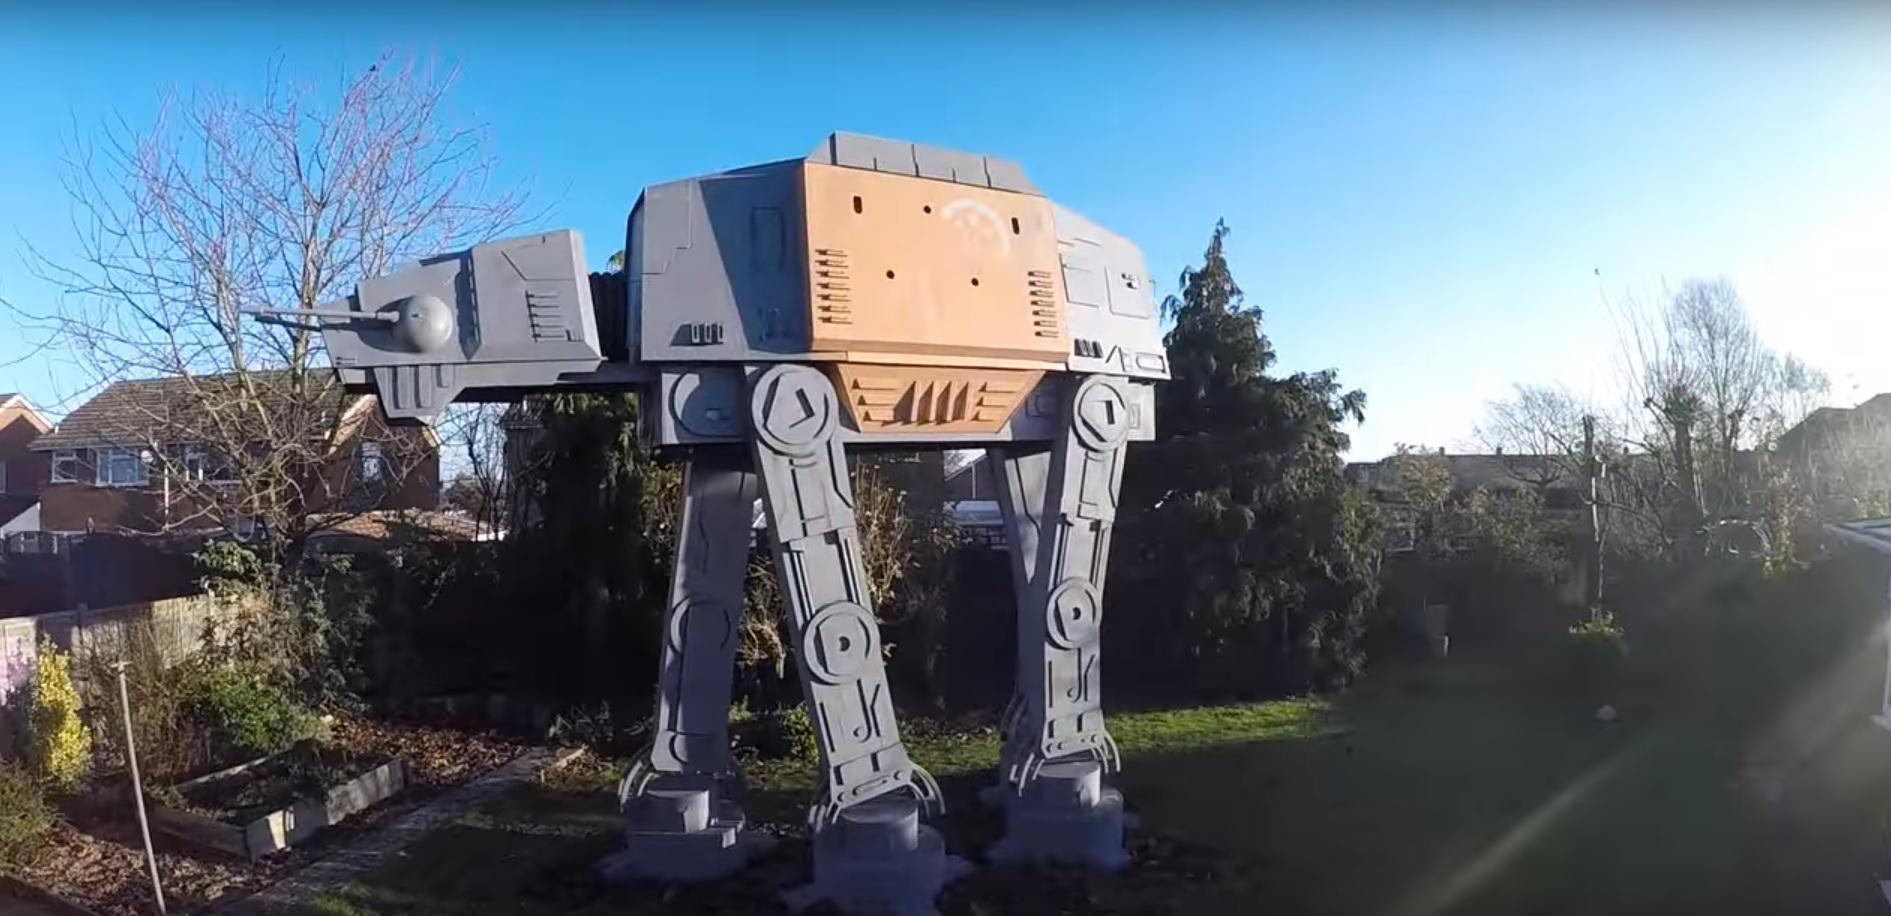 #7 Star Wars Design